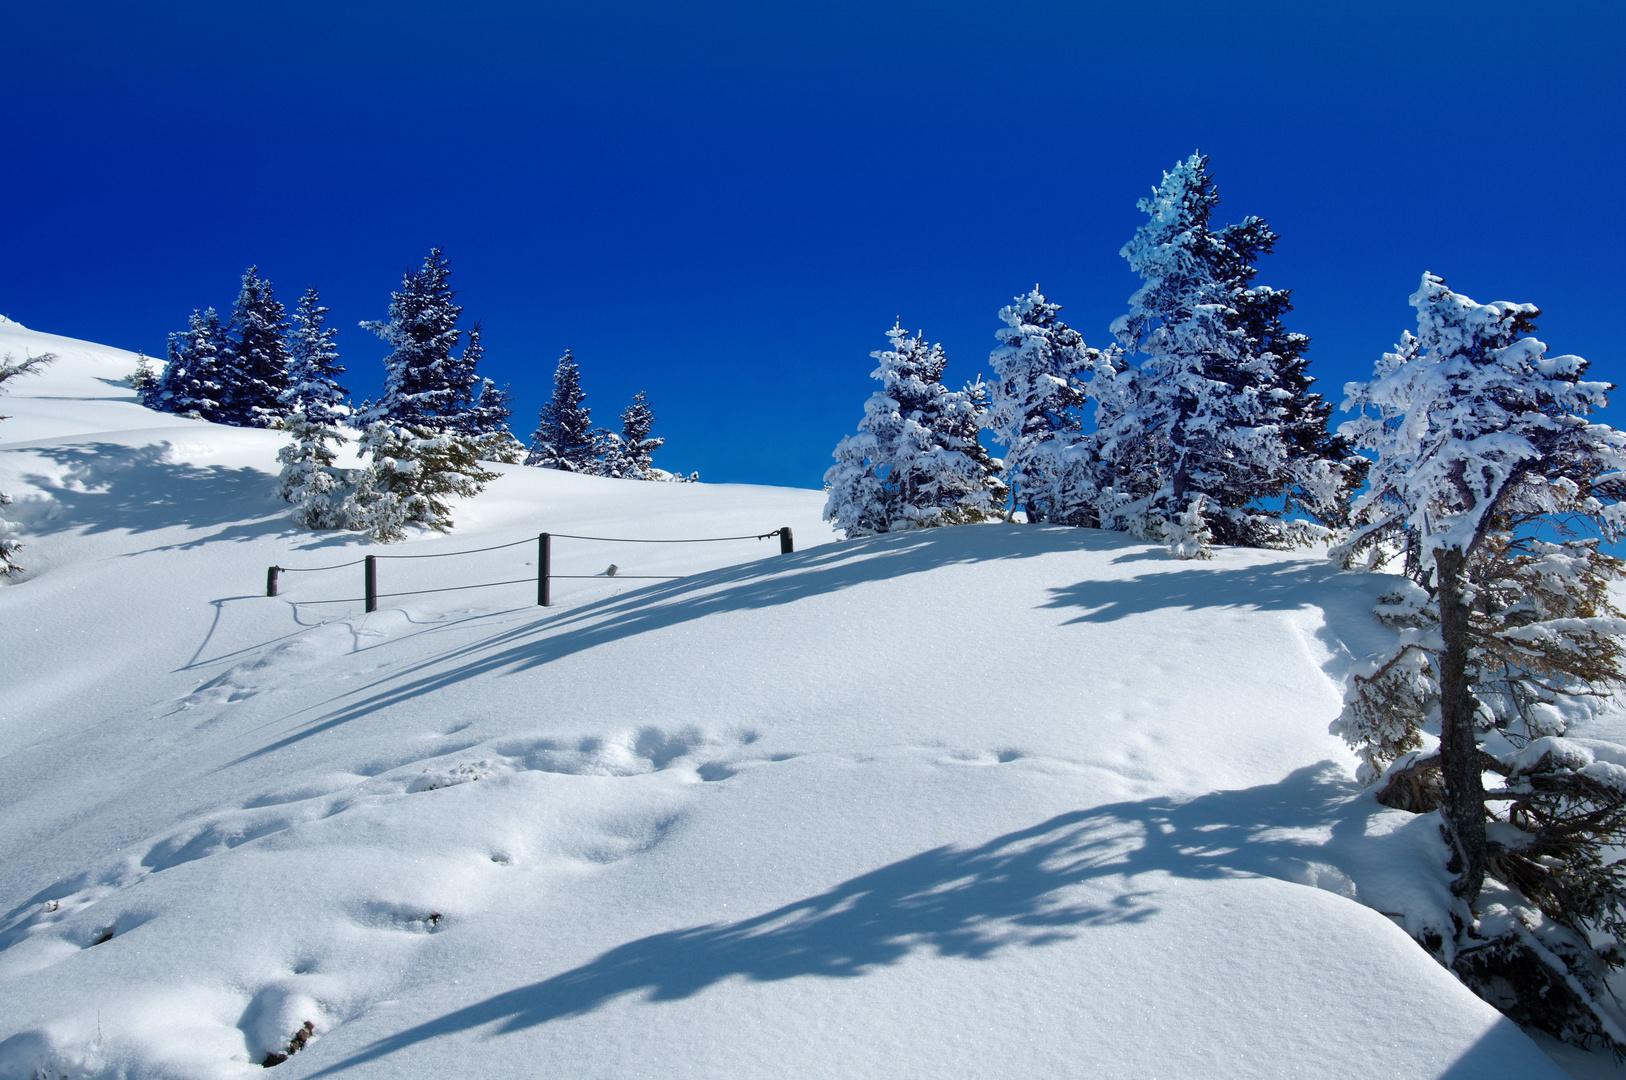 Noch ein Letztes Winter Foto für dieses Jahr